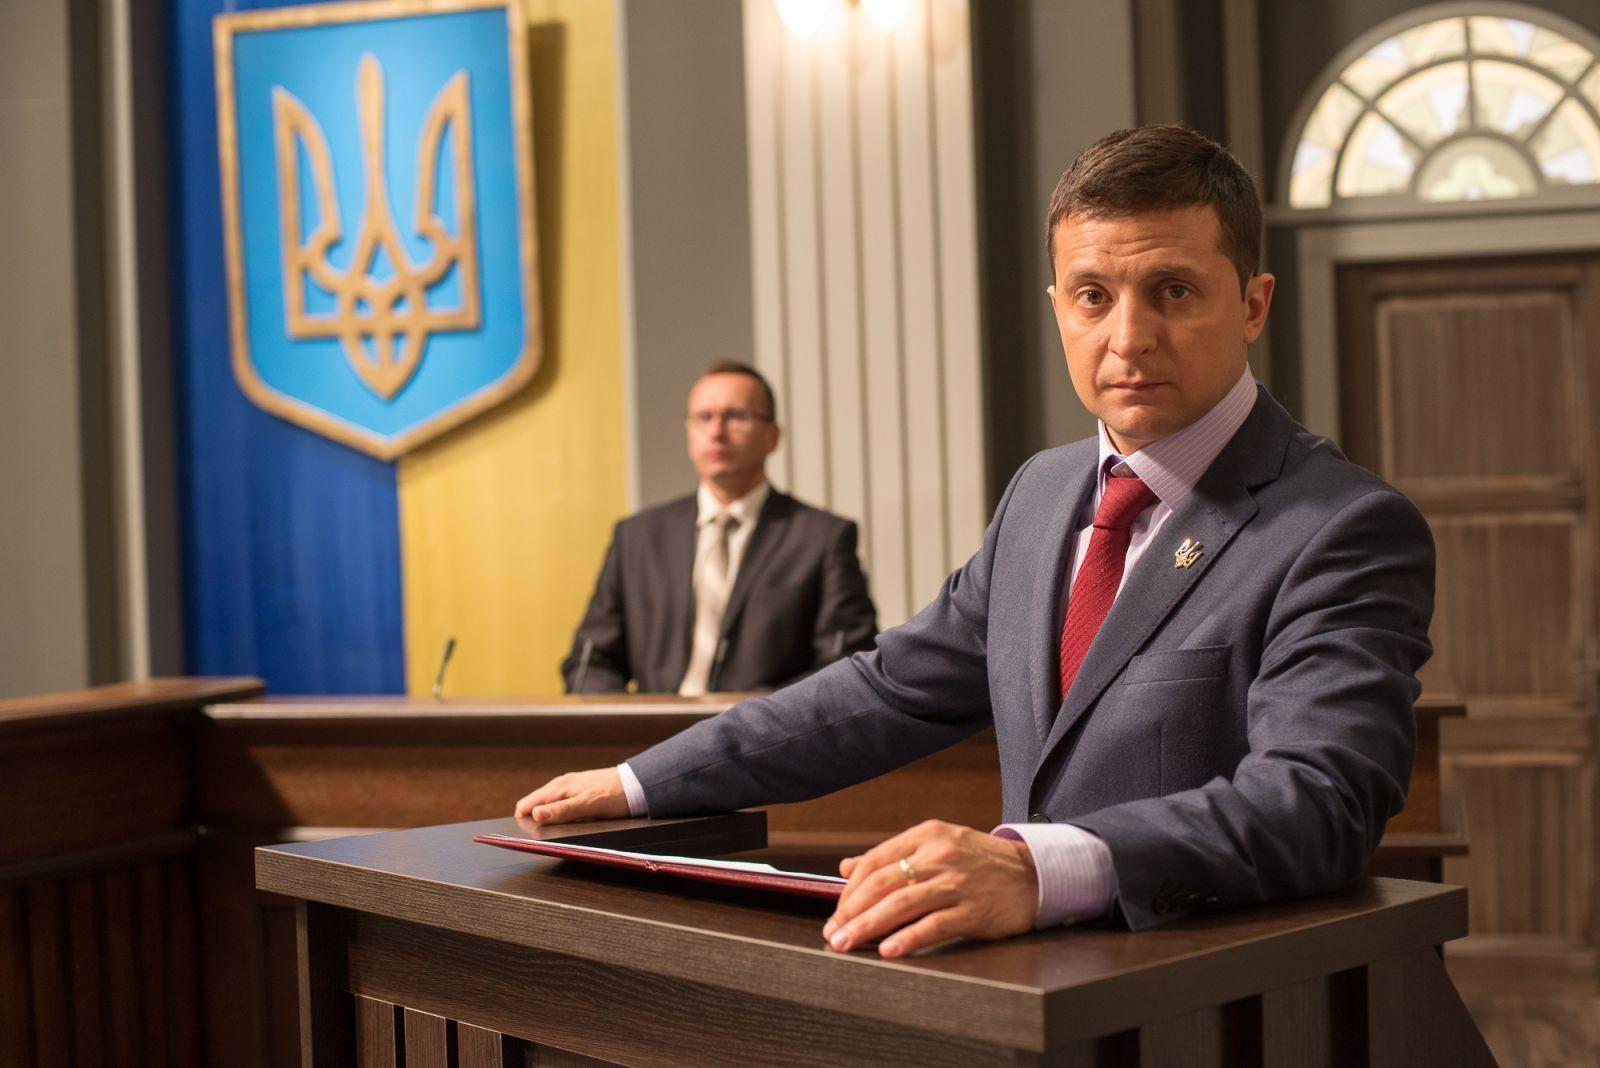 Il comico a capo dell'Ucraina